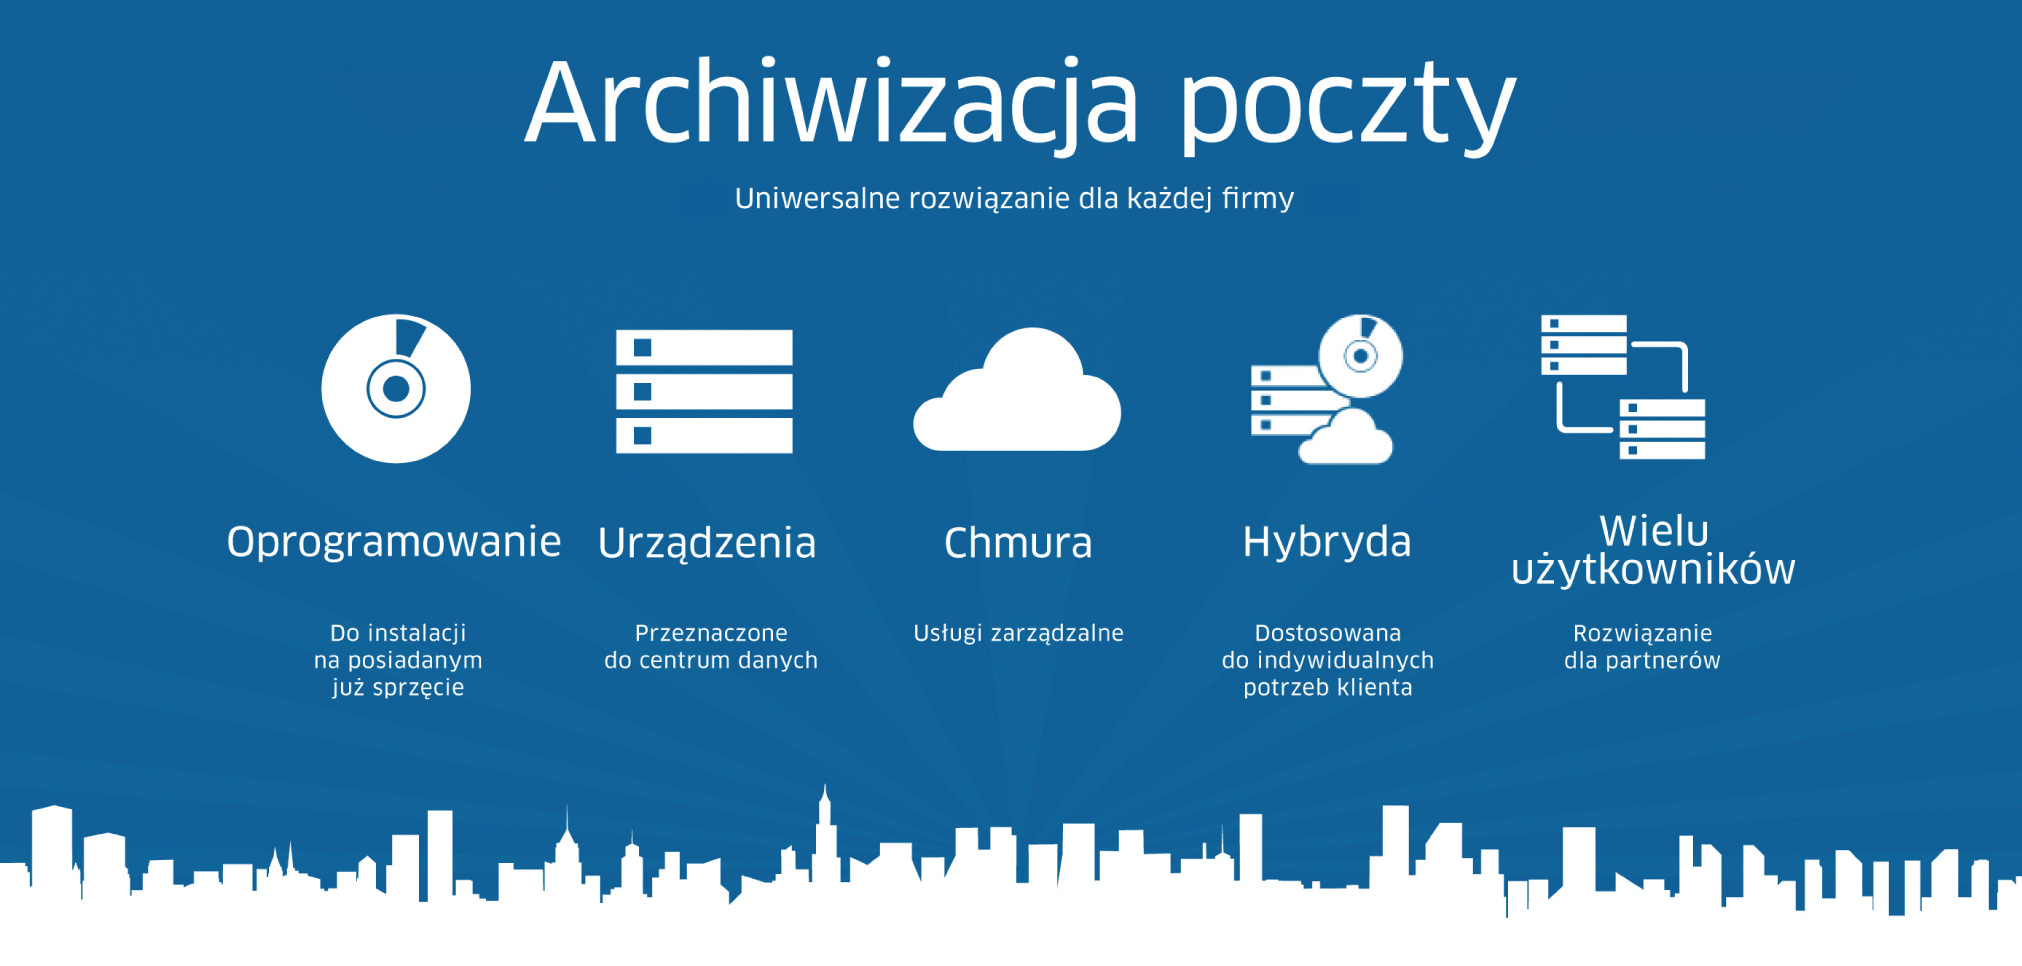 Skazani na archiwizację – bezpieczne i efektywne zarządzanie pocztą